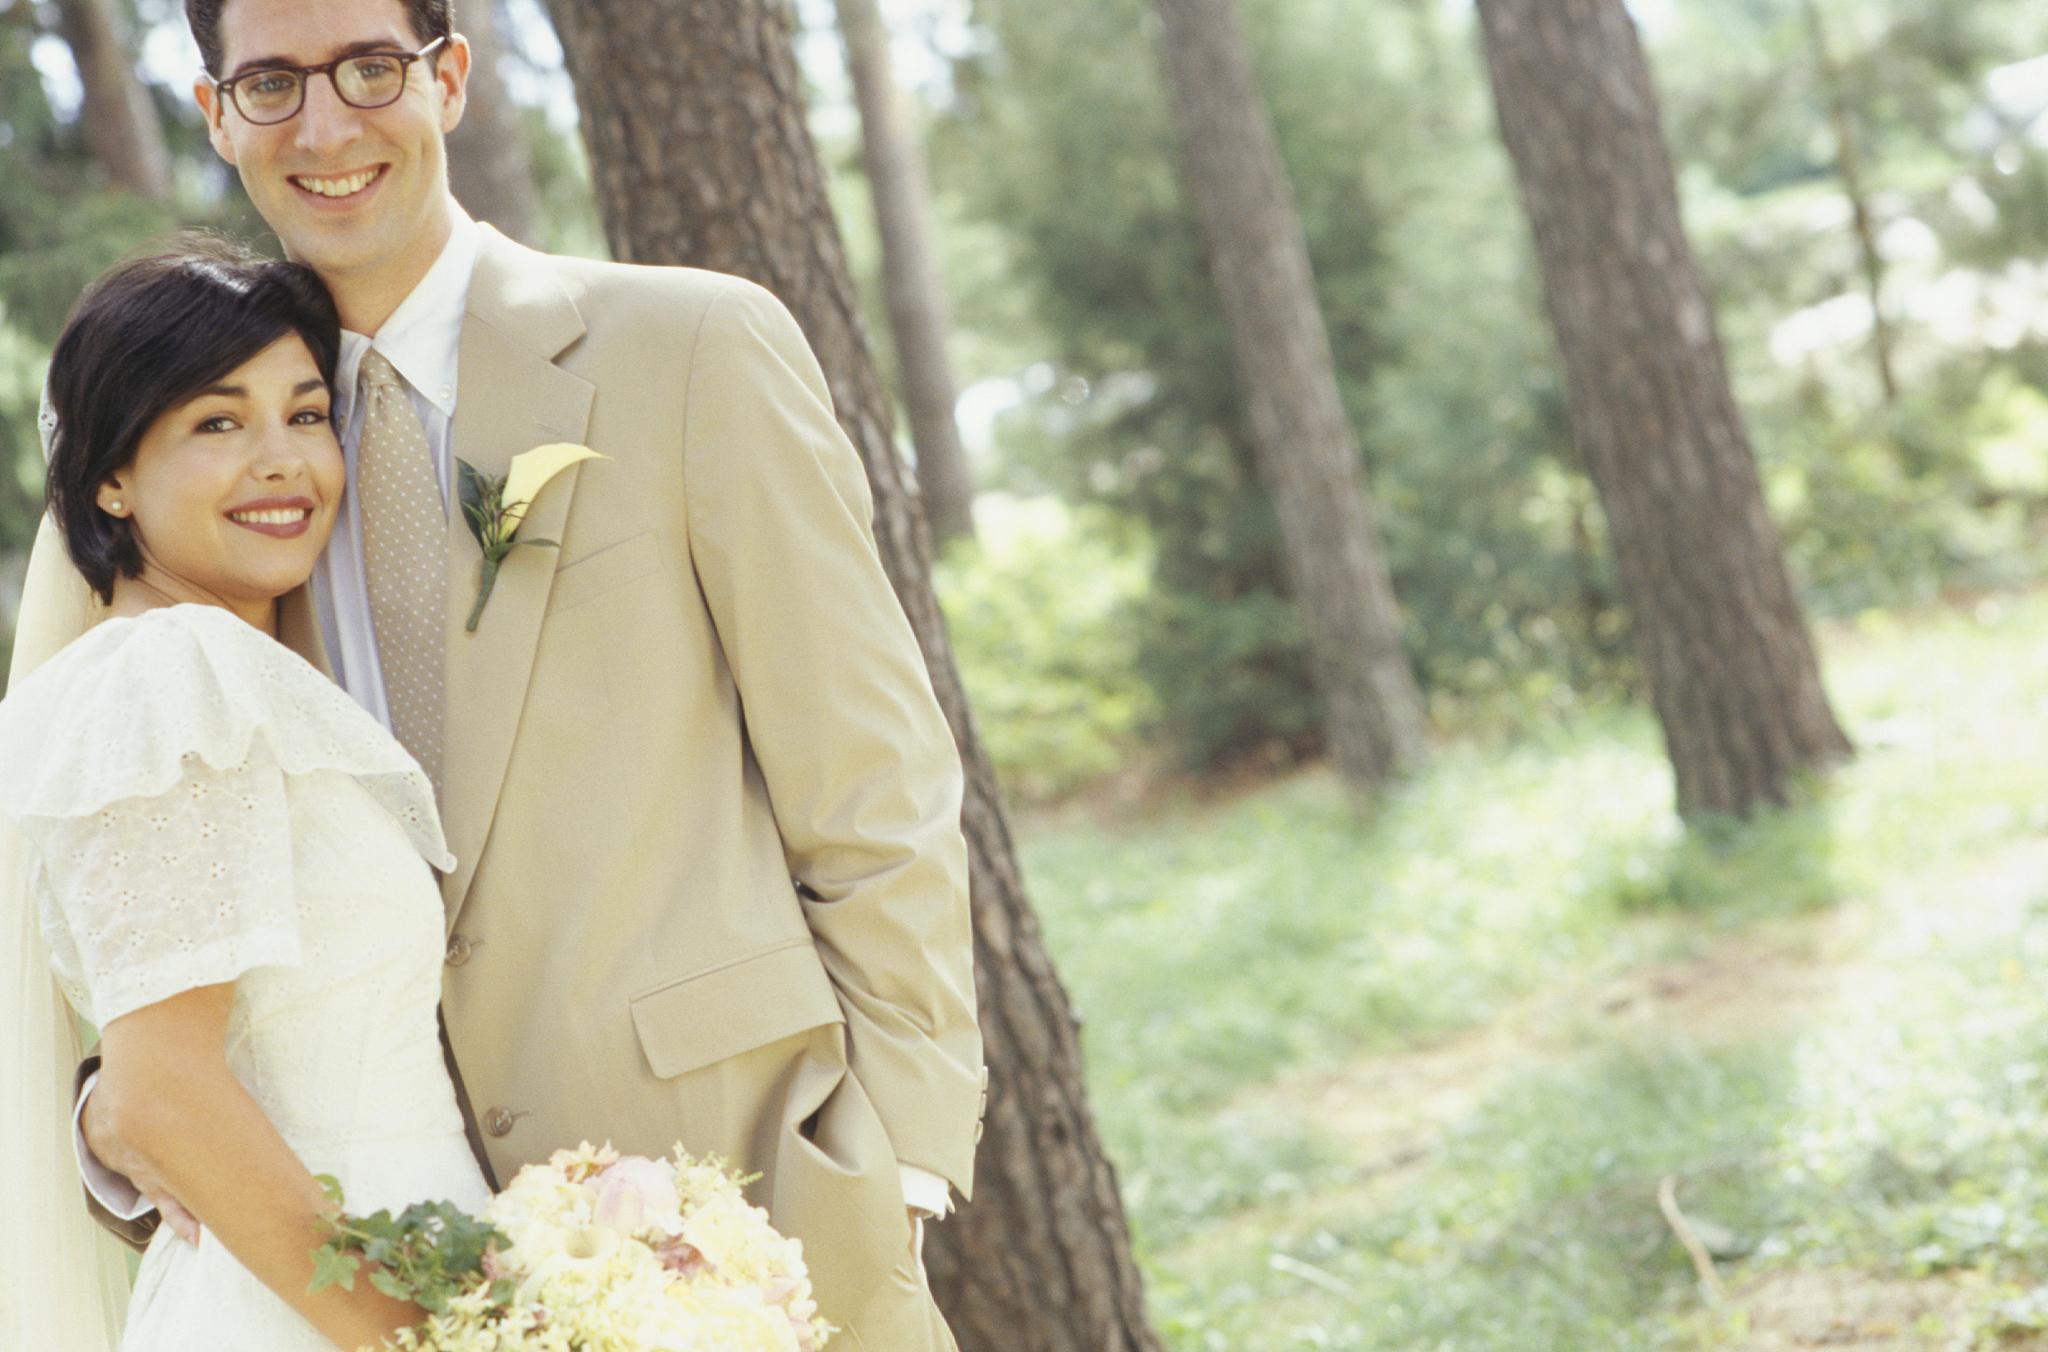 八字合婚打分65分 免费算命婚姻配对